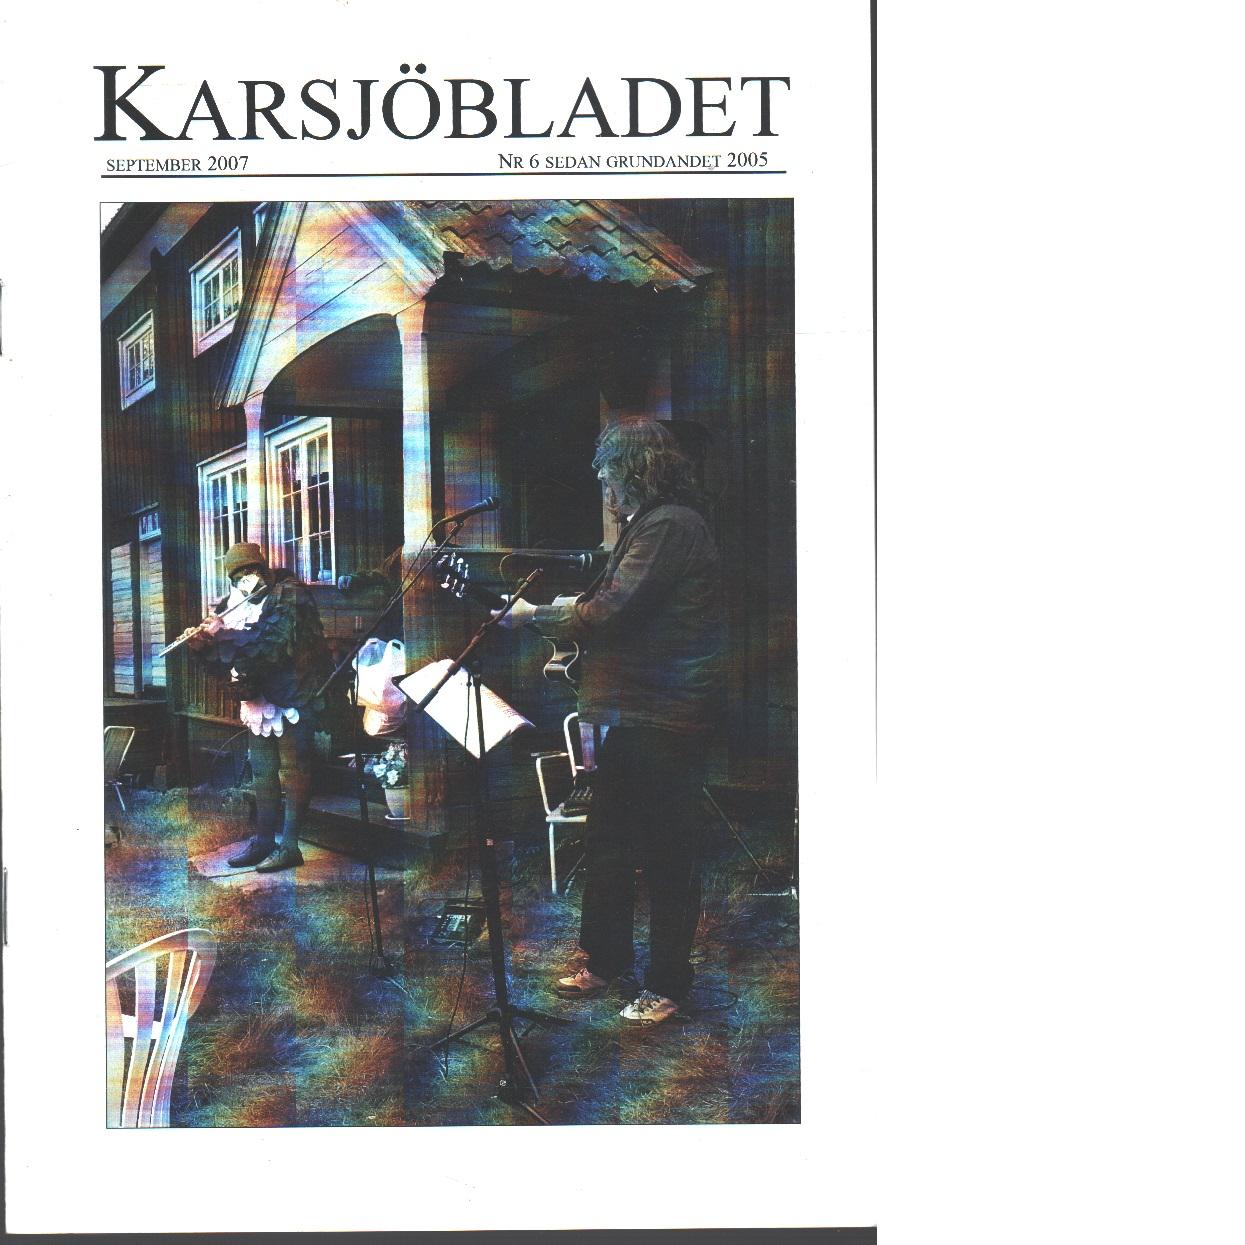 Karsjöbladet 6 - Red.